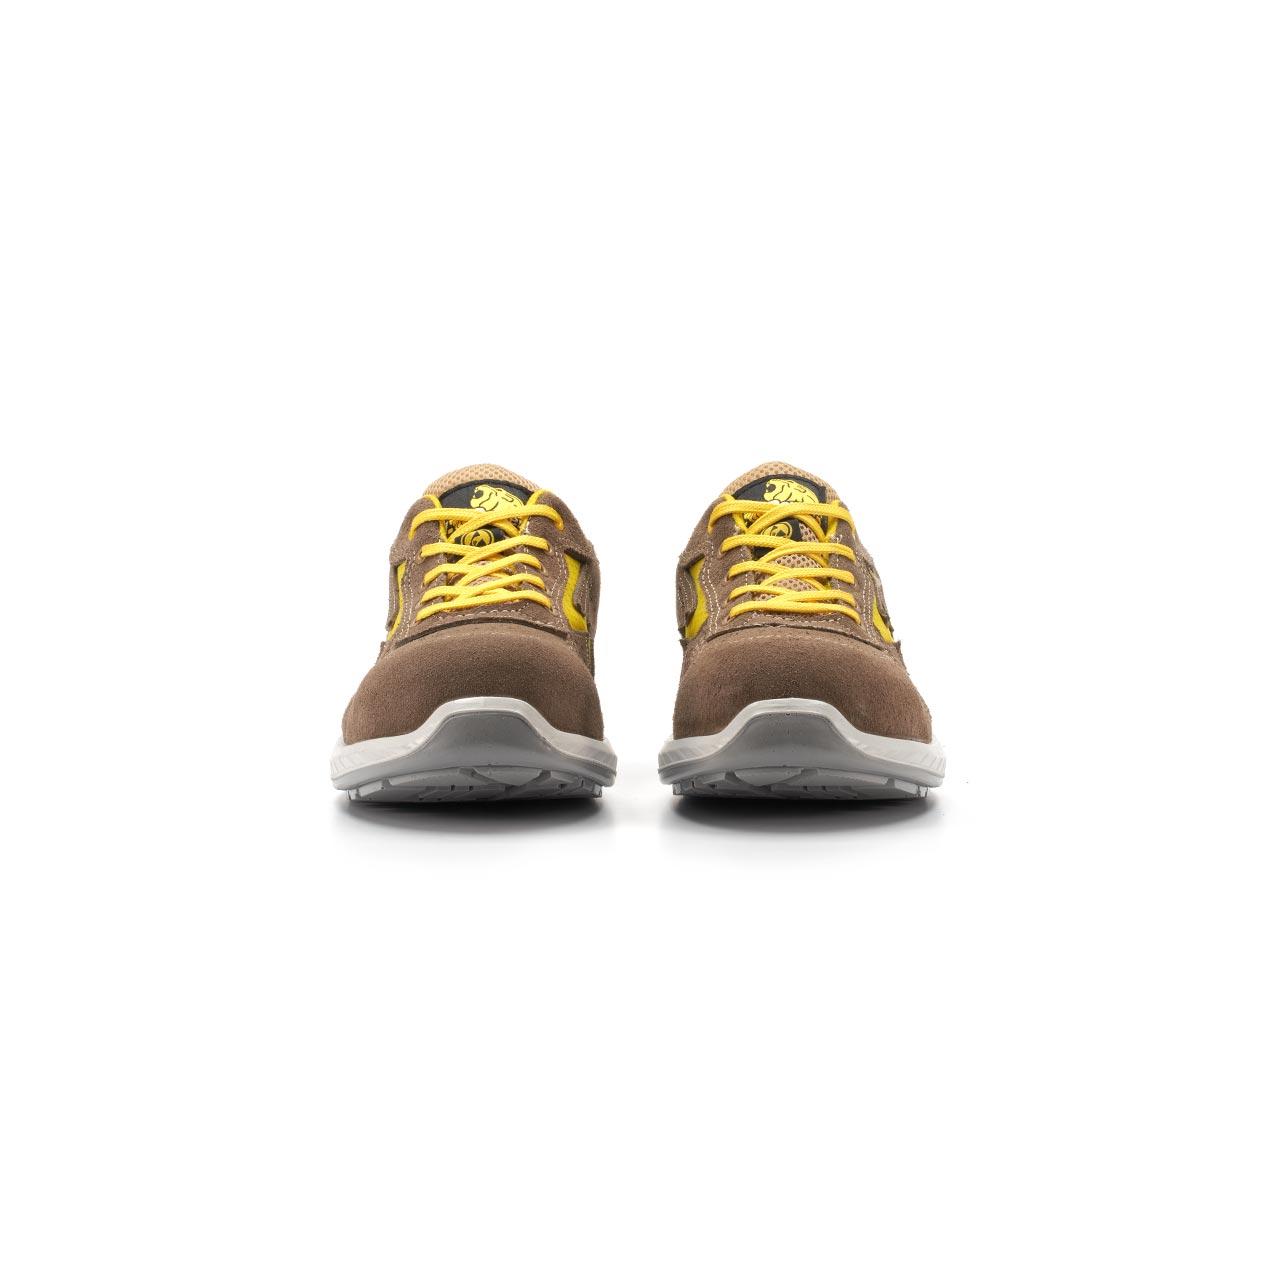 paio di scarpe antinfortunistiche upower modello reflex linea redindustry vista frontale